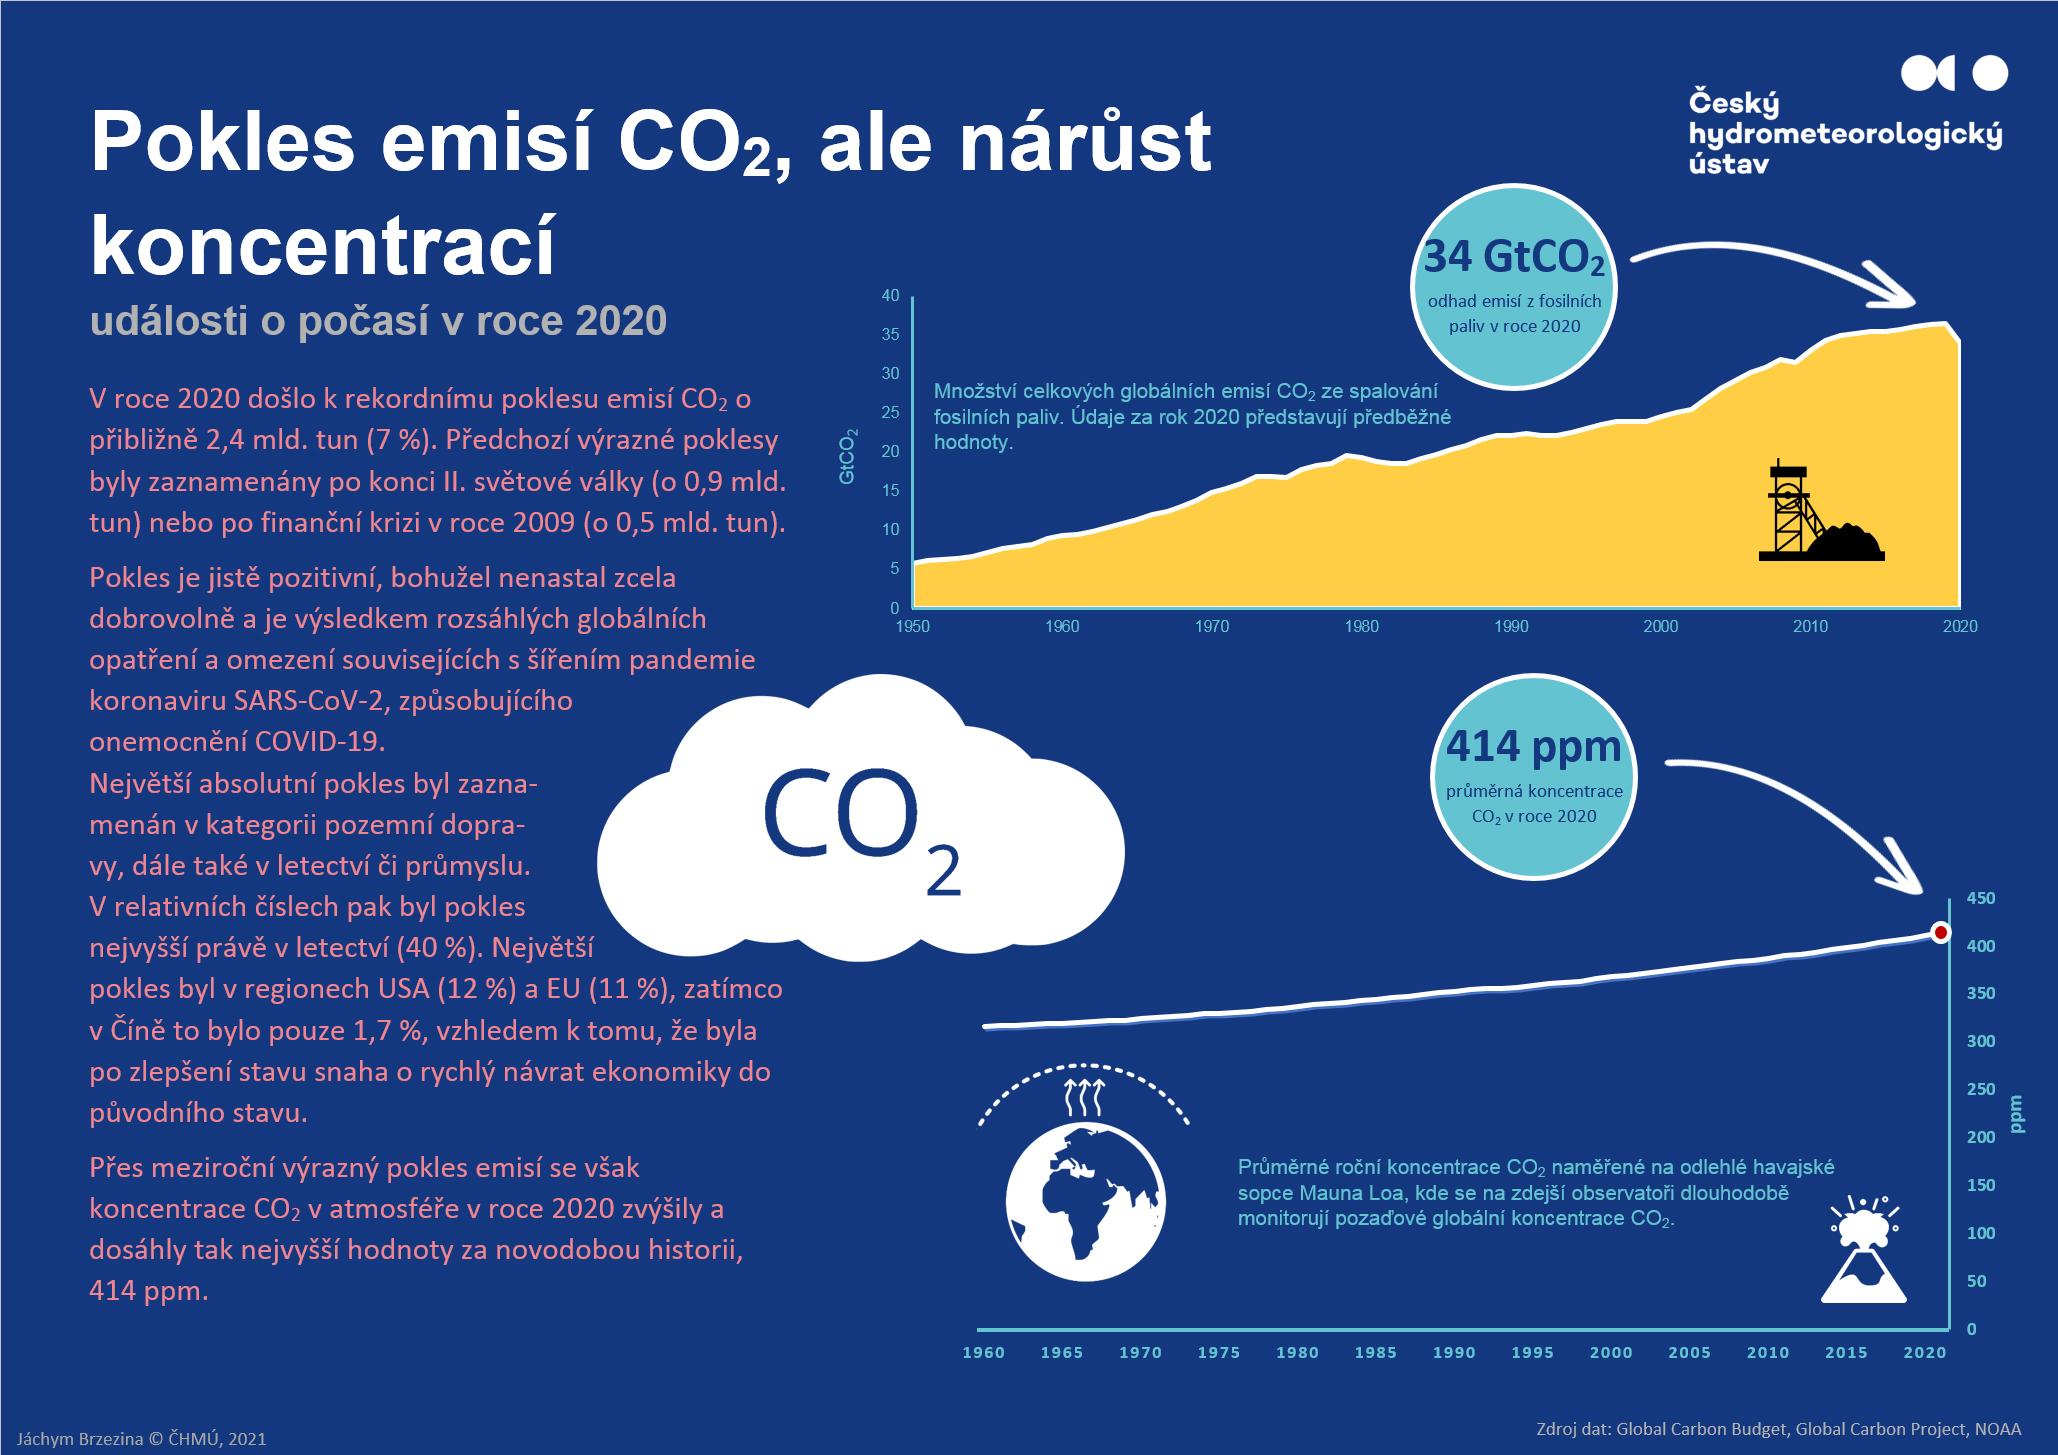 2020 – pokles emisí CO2, ale nárůst koncentrací